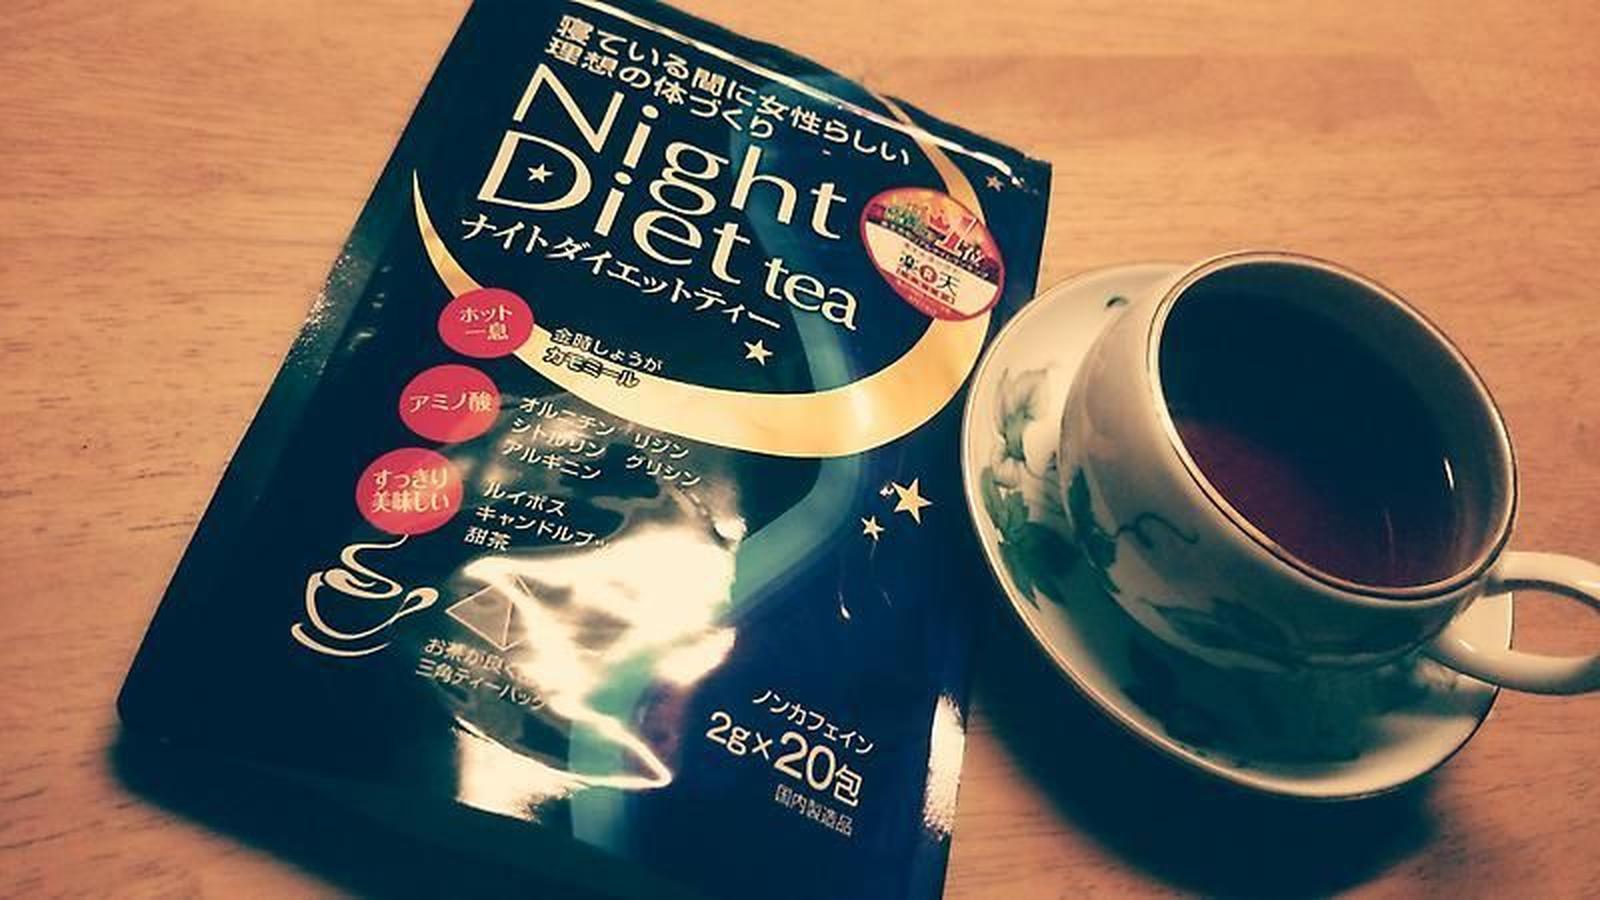 Công dụng trà giảm cân orihiro ban đêm night diet tea